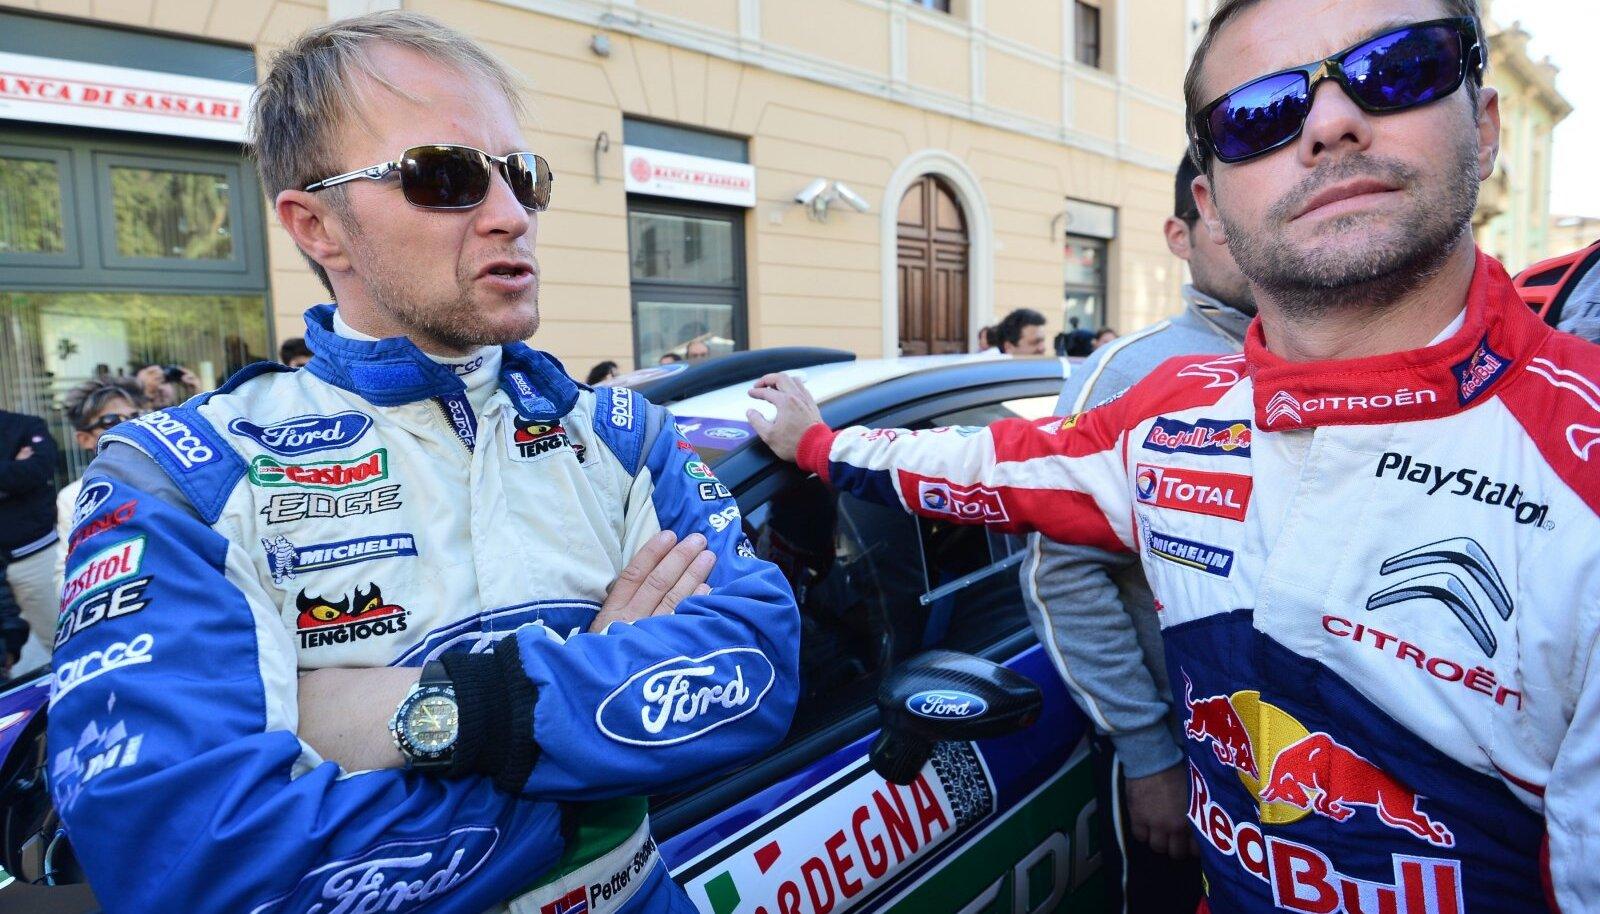 Petter Solberg ja Sebastien Loeb 2012. aastal.